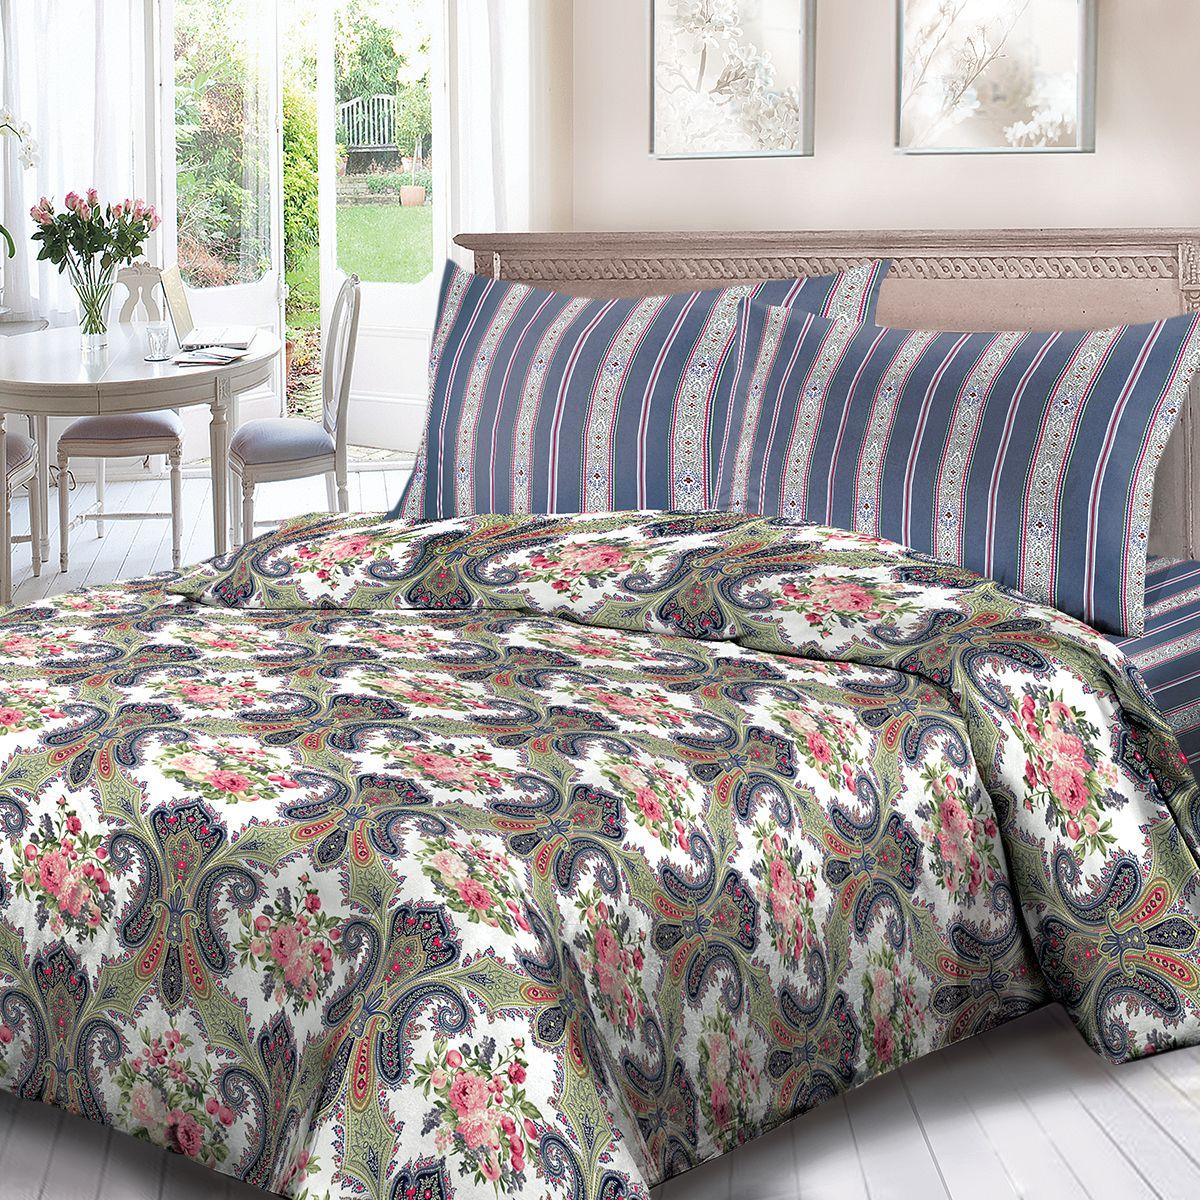 Комплект белья Для Снов Клэр, 2-х спальное, наволочки 70x70, цвет: синий. 1705-183759